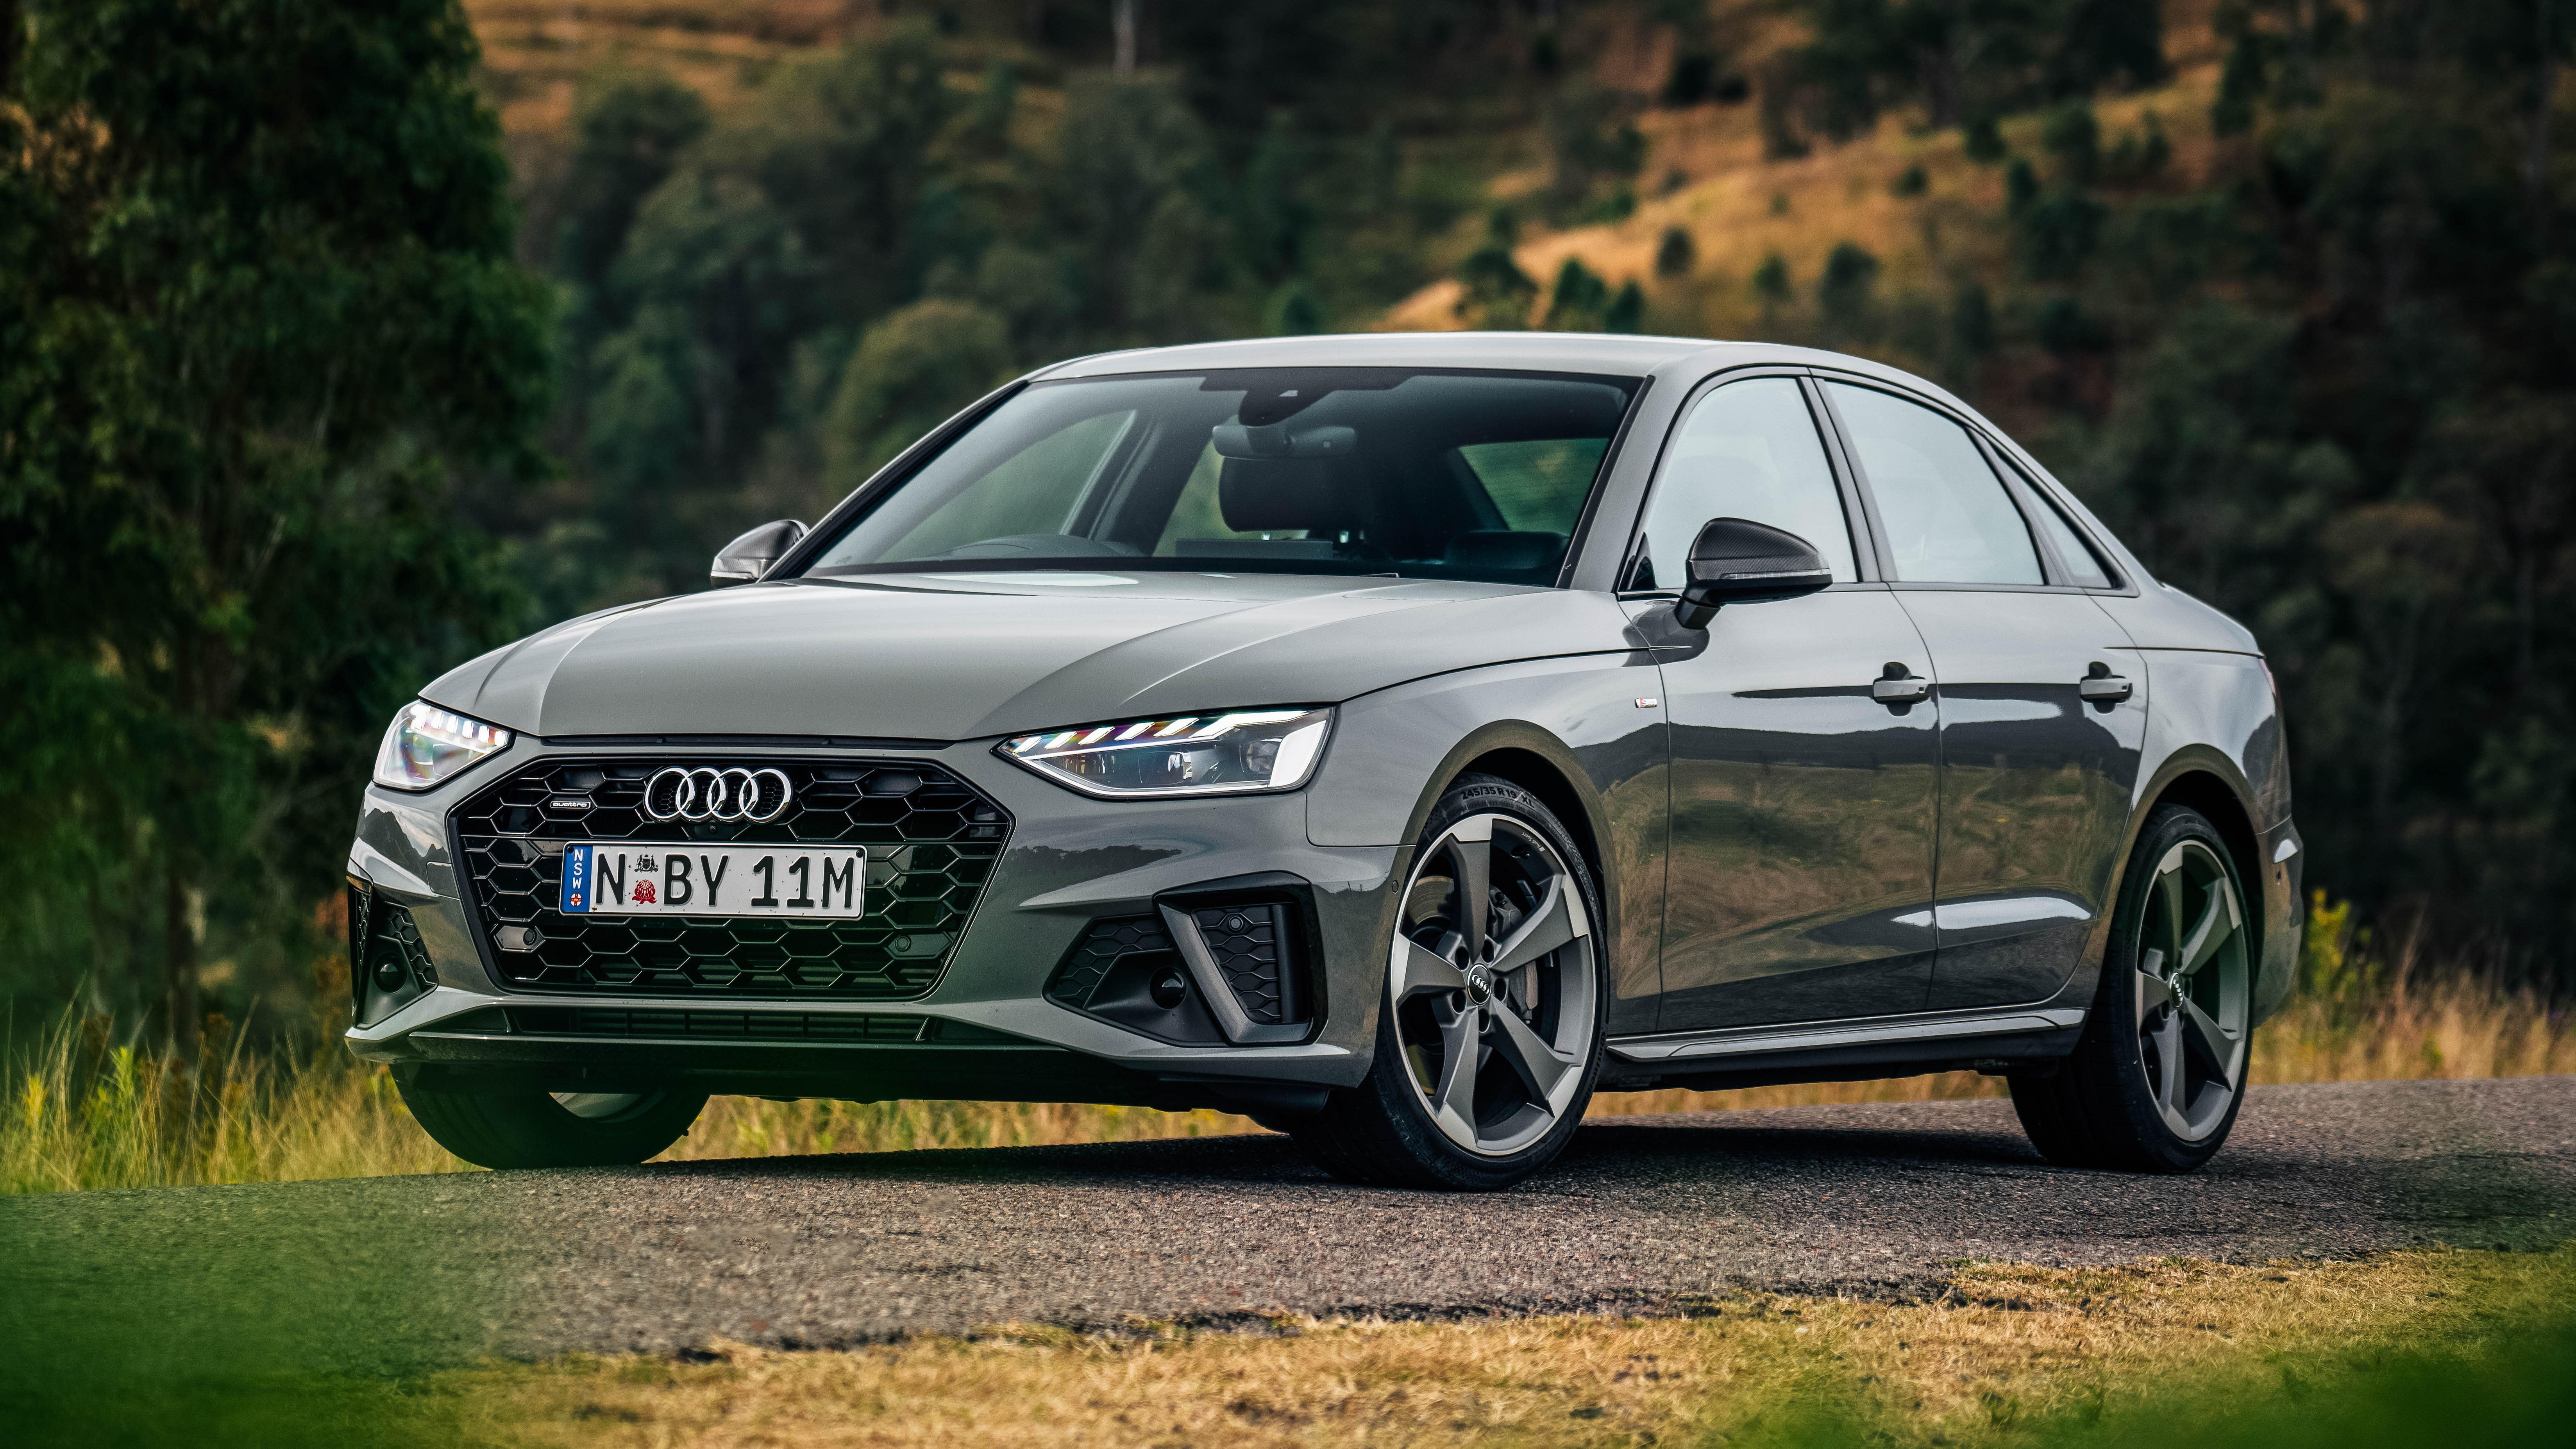 Kekurangan Audi M4 Top Model Tahun Ini